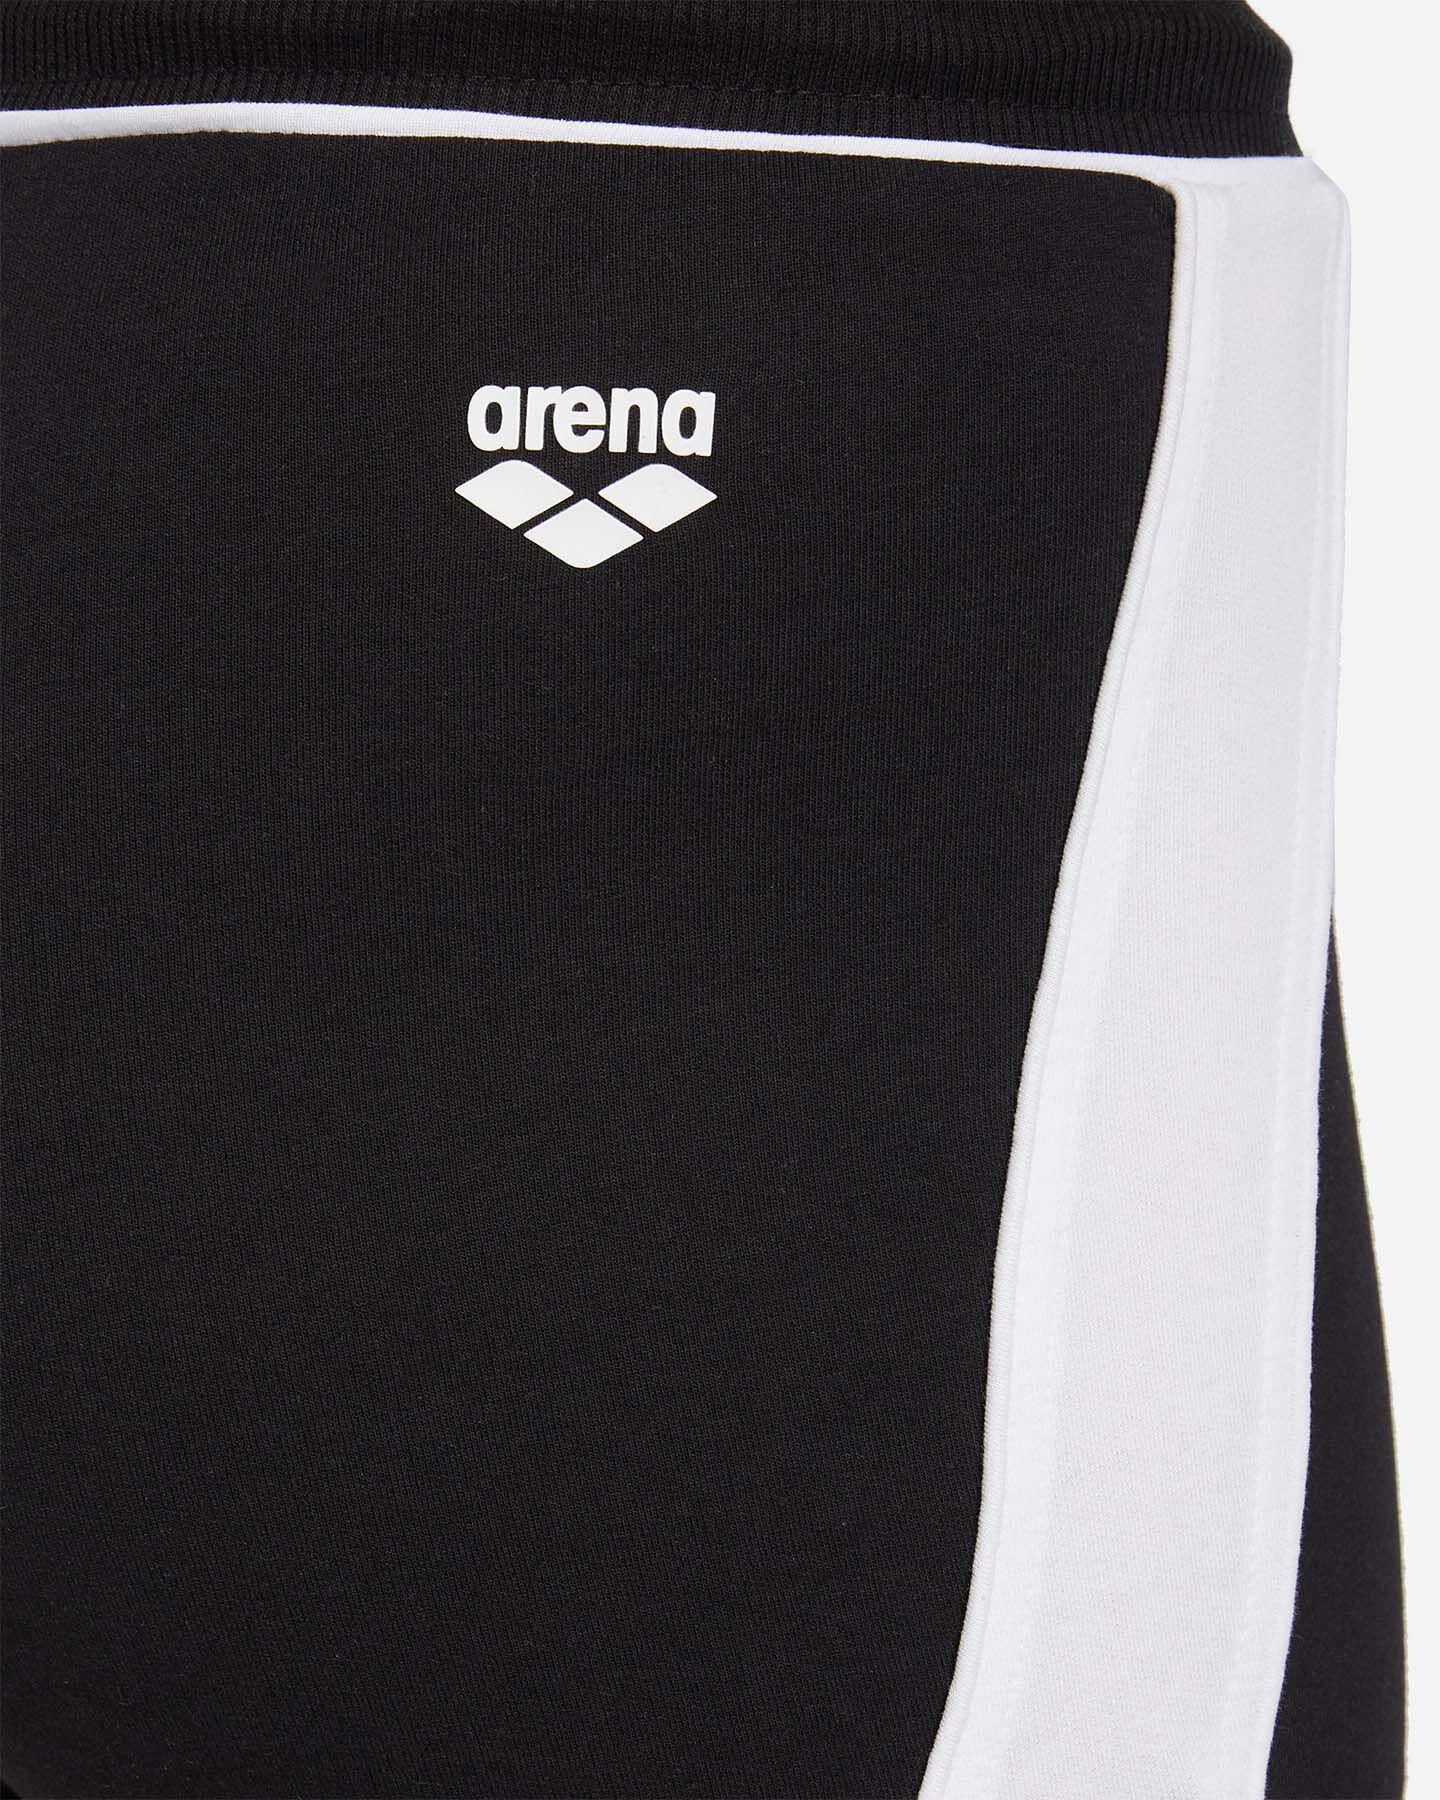 Pantaloncini ARENA BASIC W S4087553 scatto 3